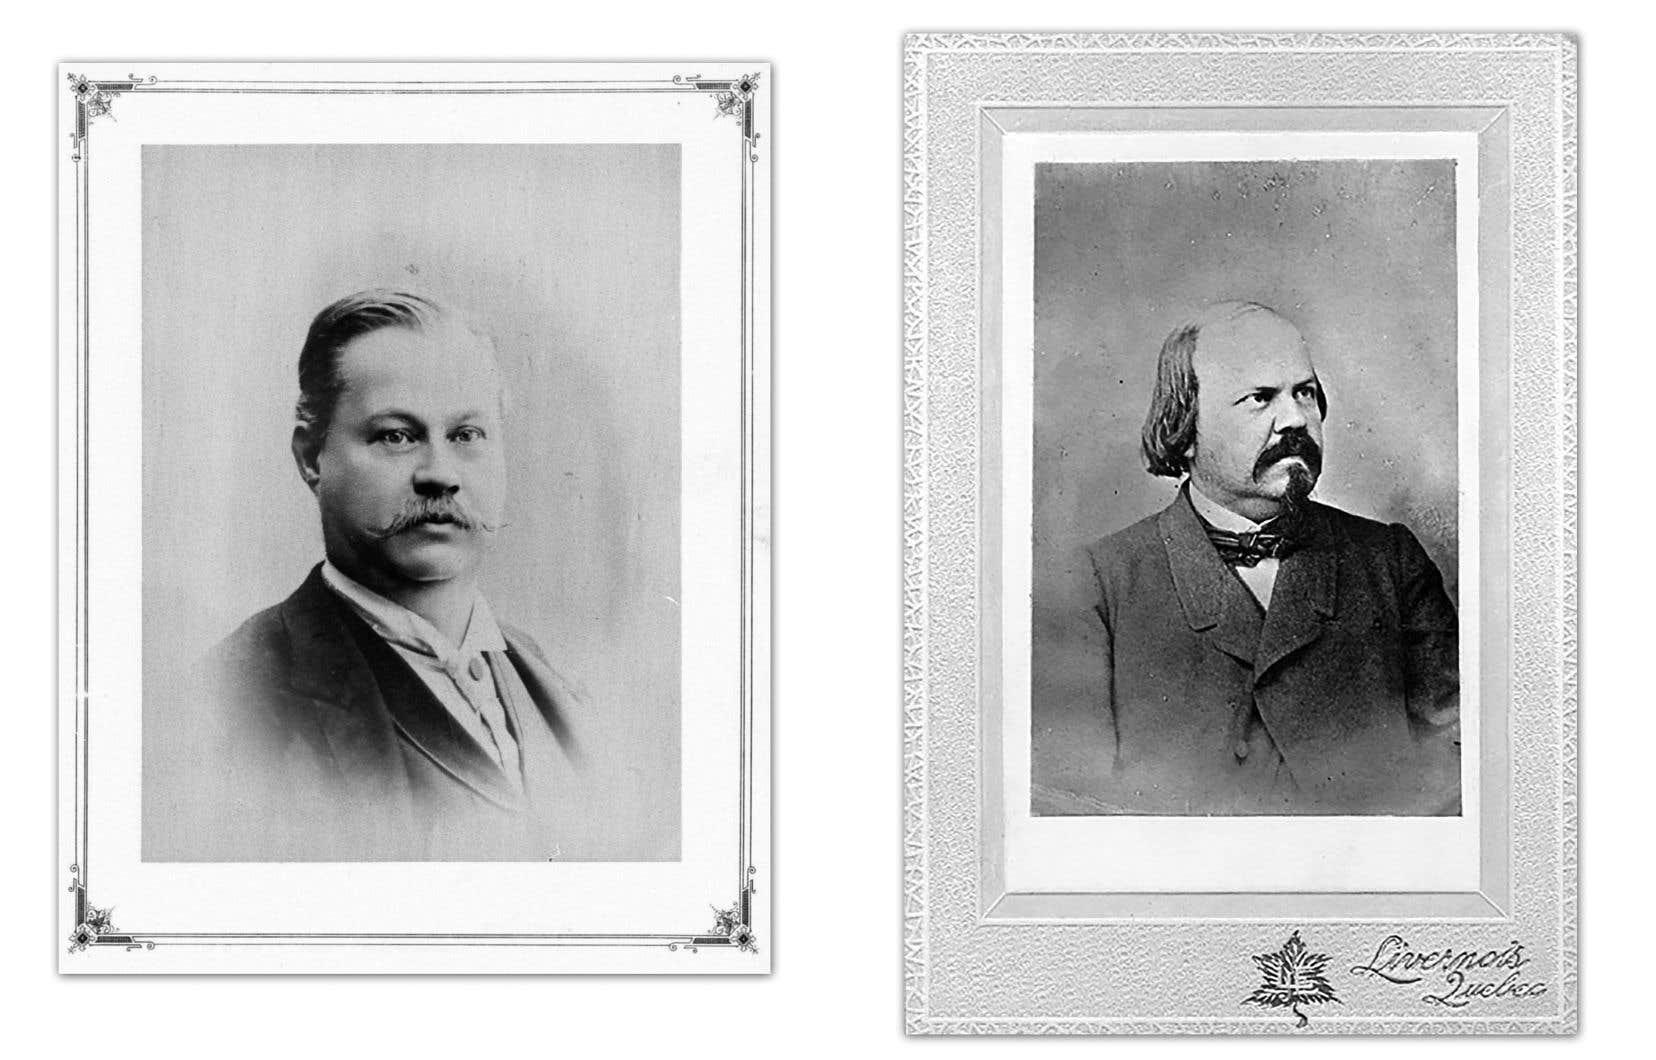 Portraits de Louis Fréchette (à gauche) et d'Octave Crémazie